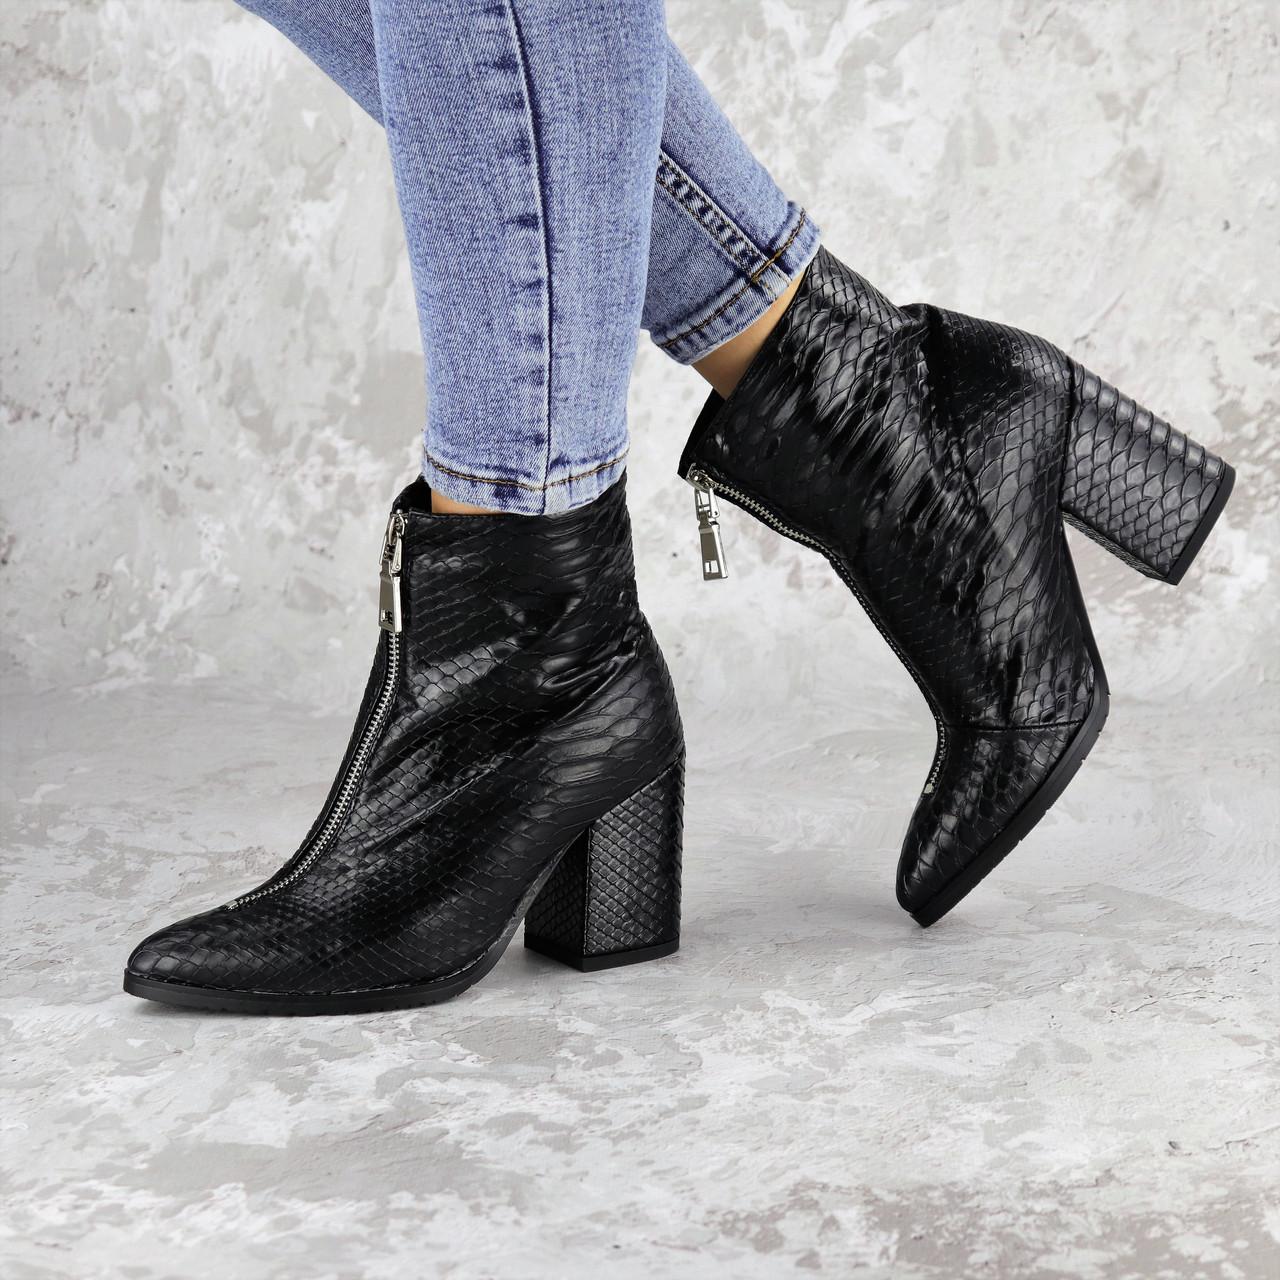 Ботинки женские Fashion Timo 2144 36 размер 23,5 см Черный